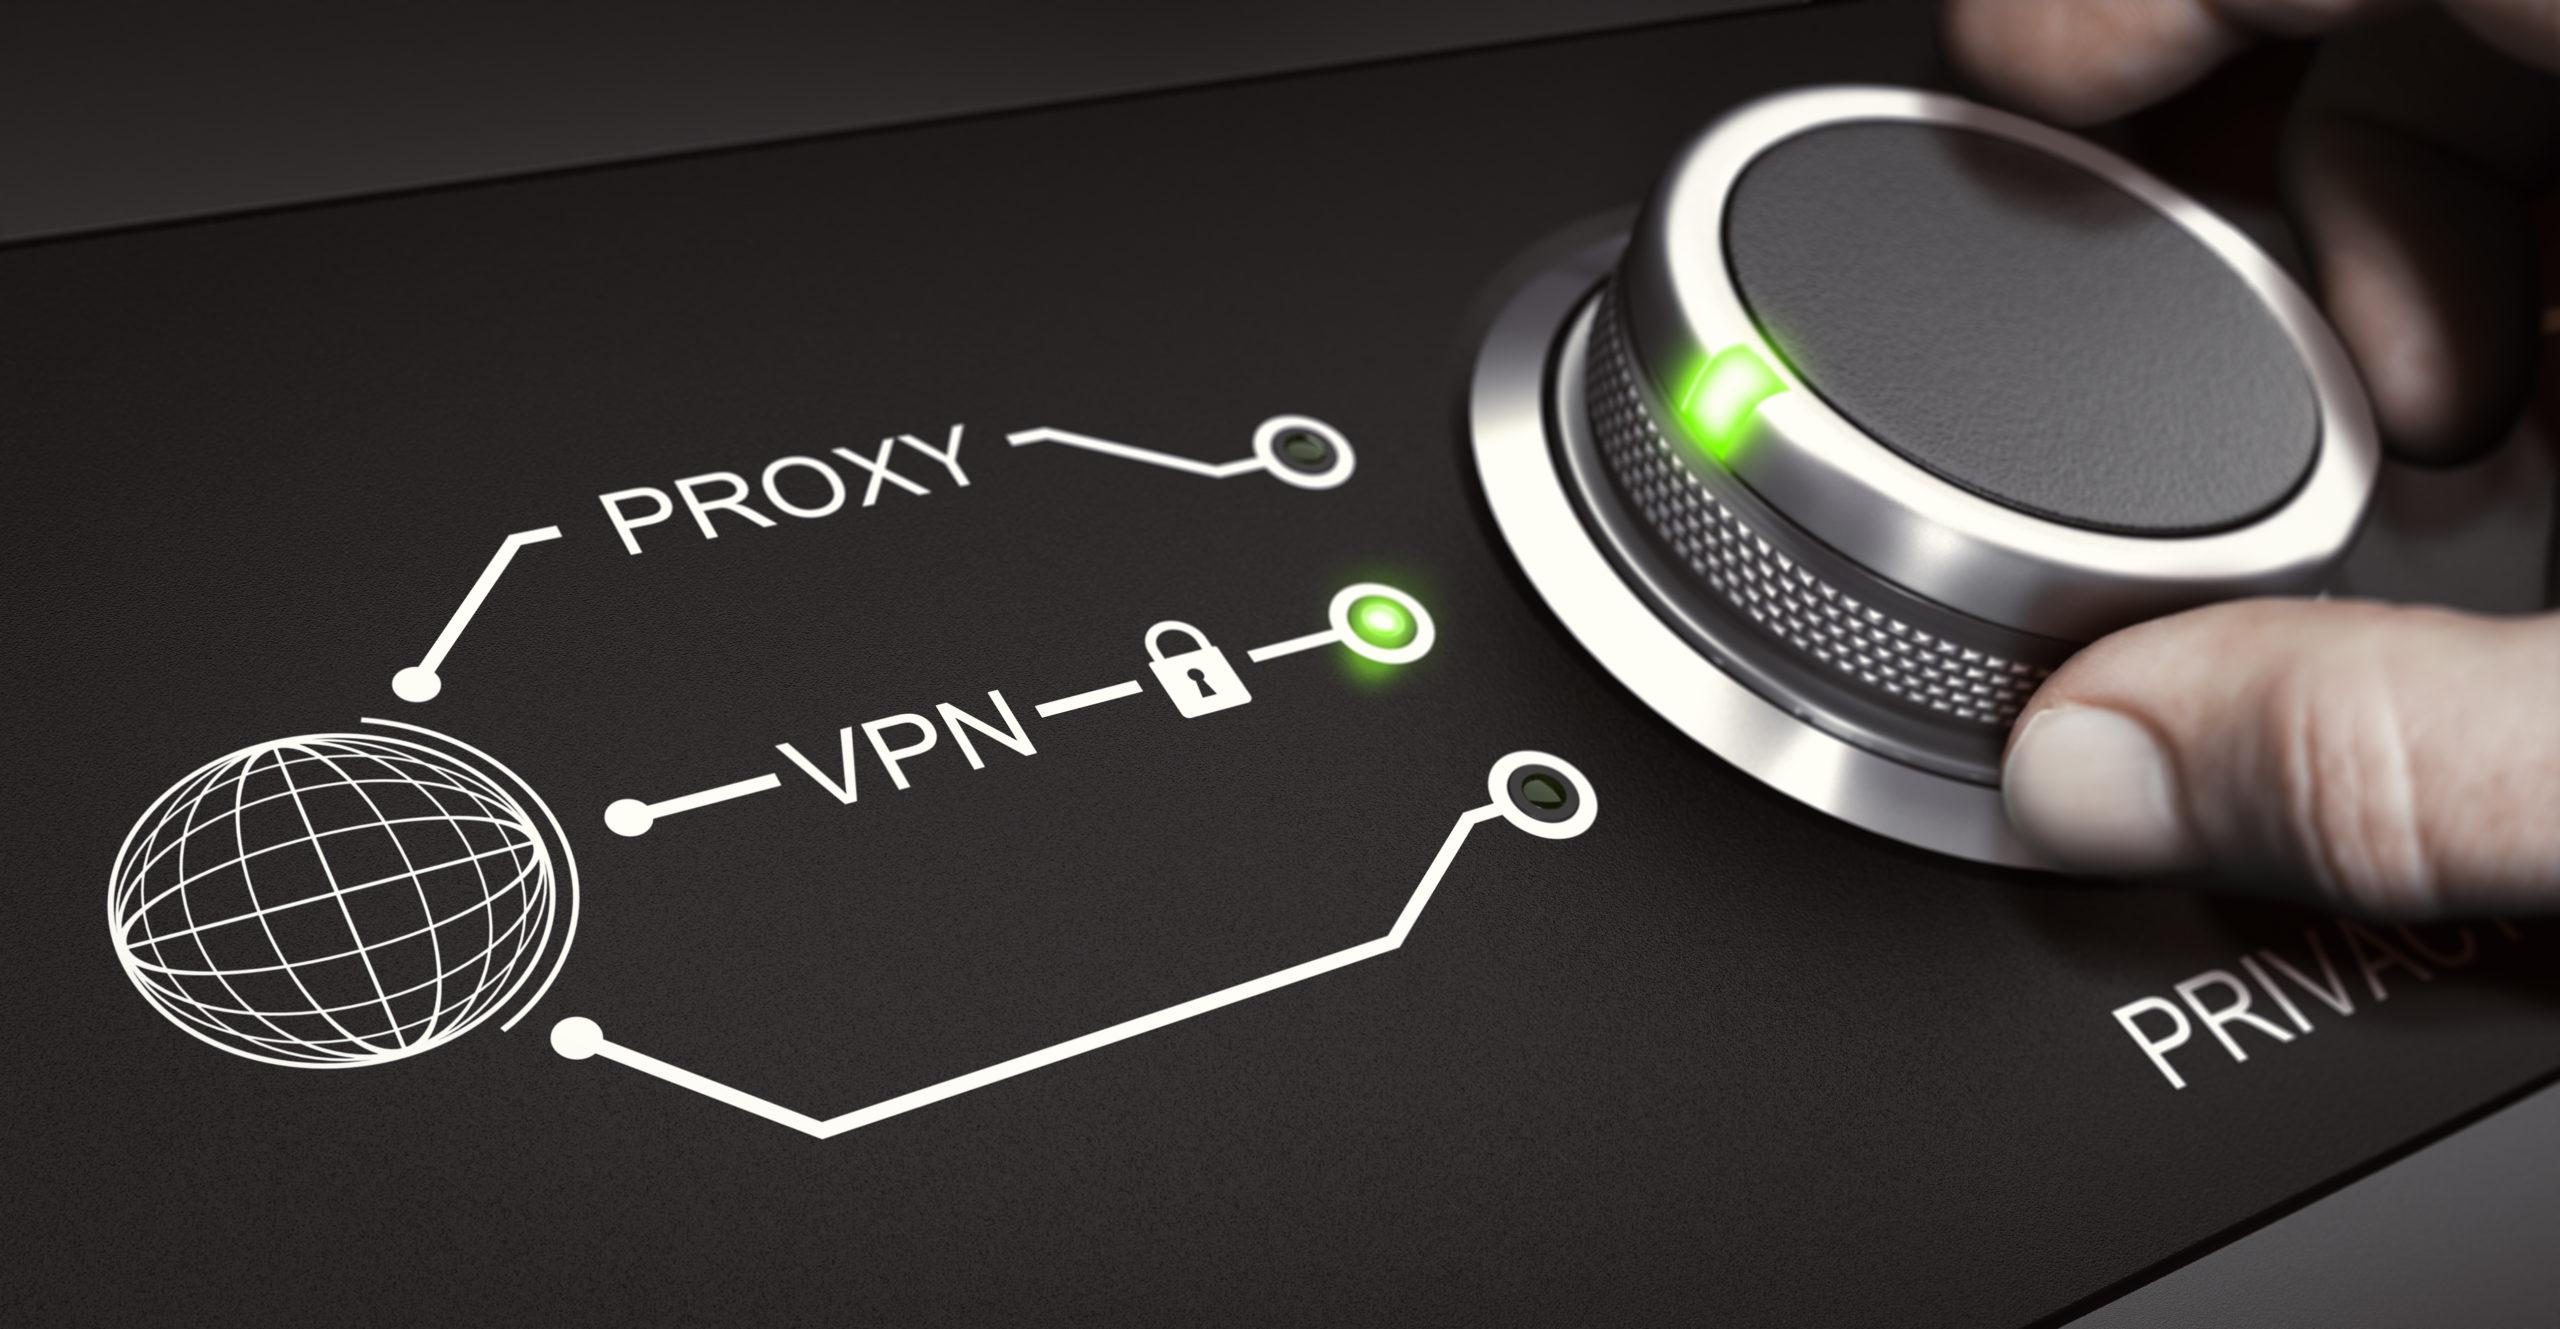 Comment bien choisir un VPN?